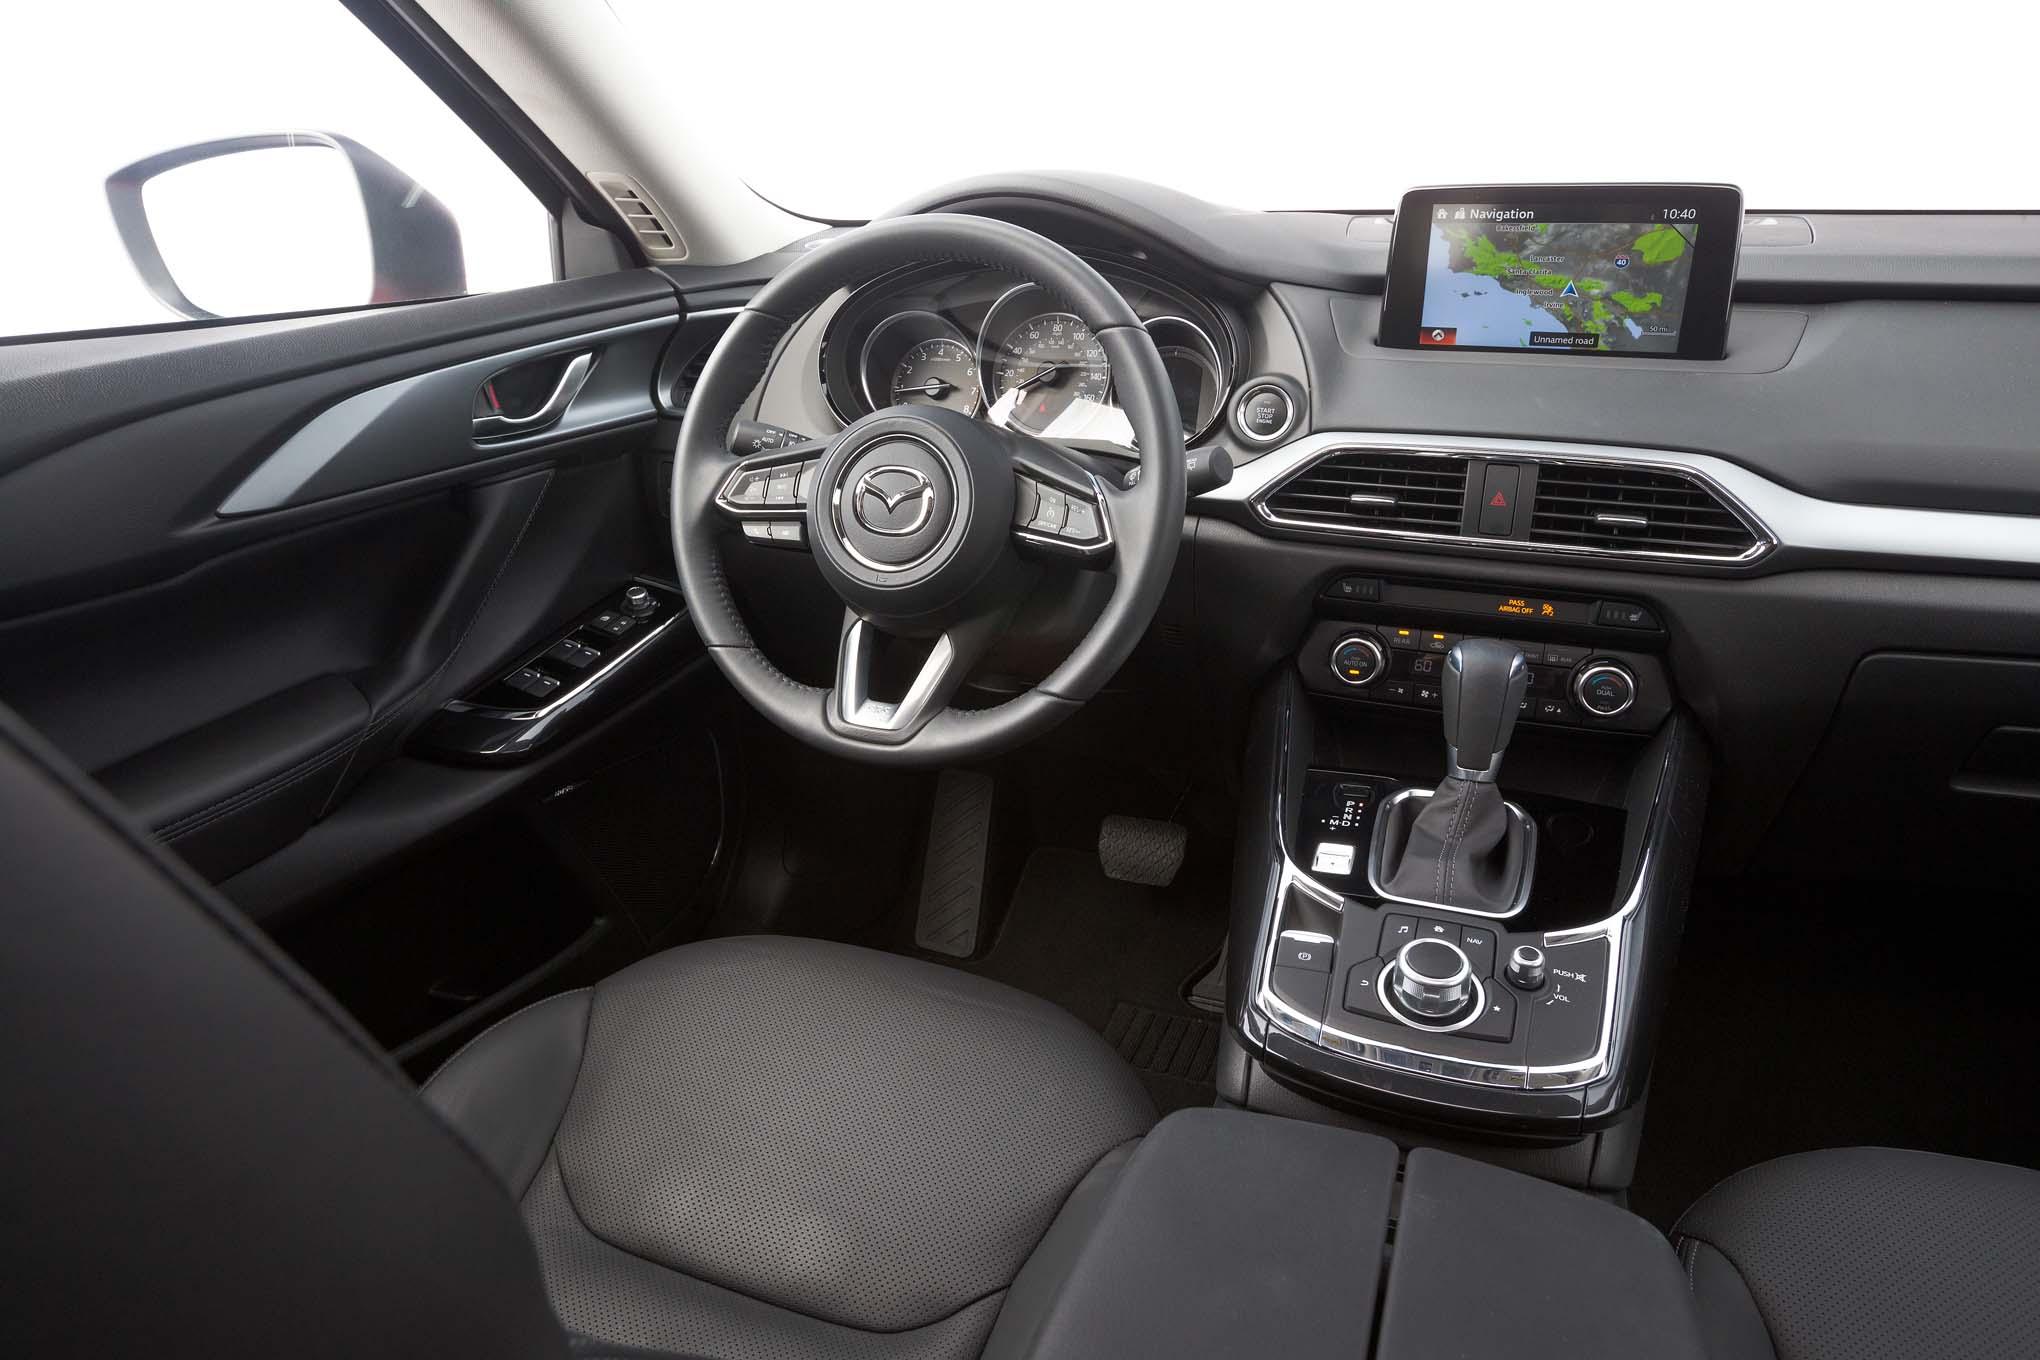 2016 Mazda Cx 9 Fwd Touring Interior 70